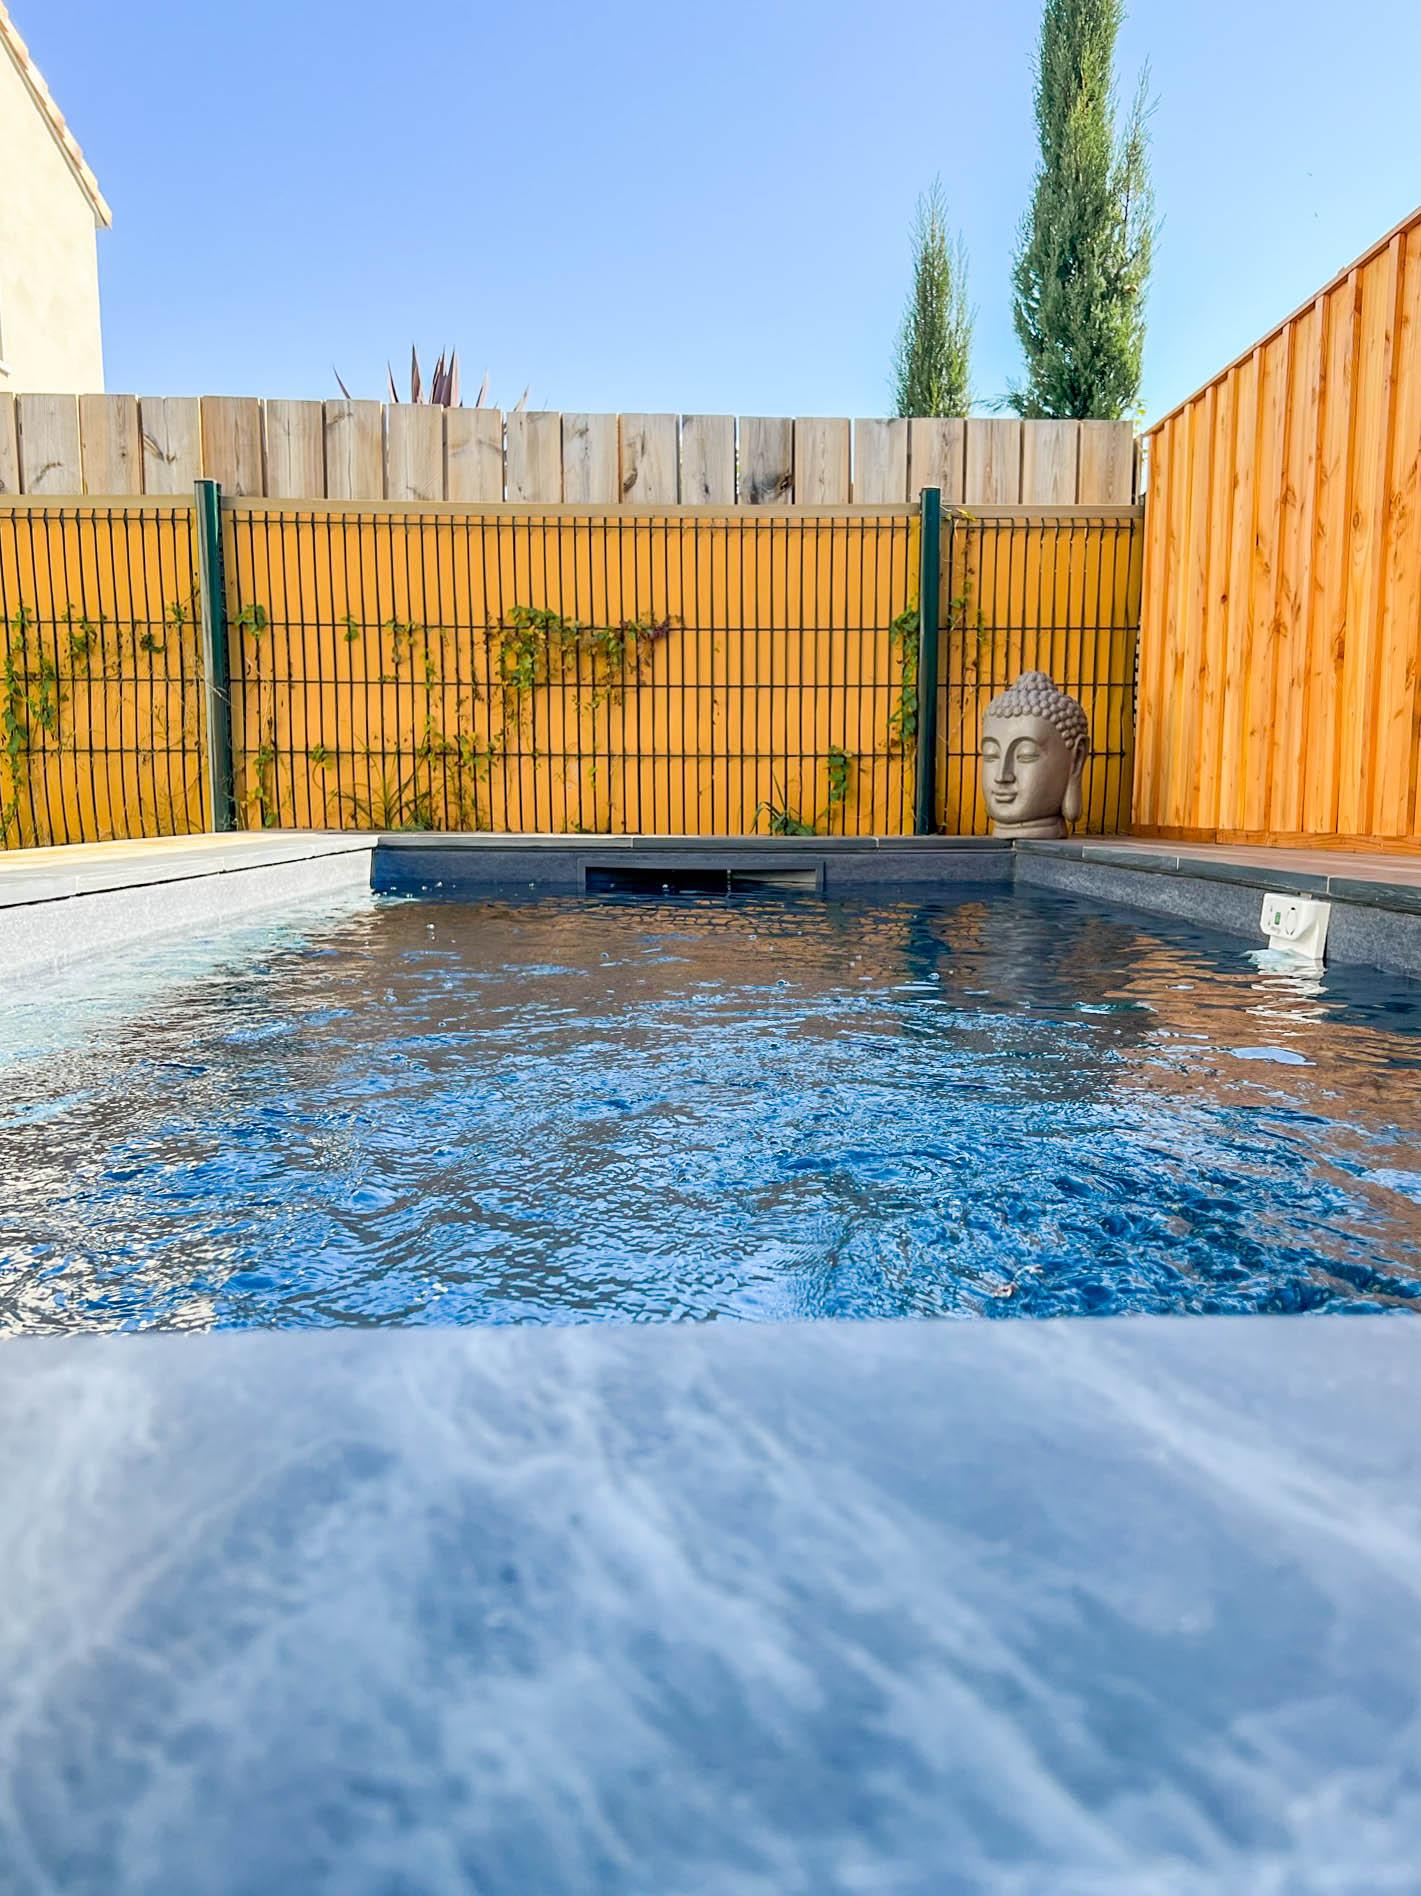 piscine-beton-arme-gris-anthracite-pvc-arme-texture